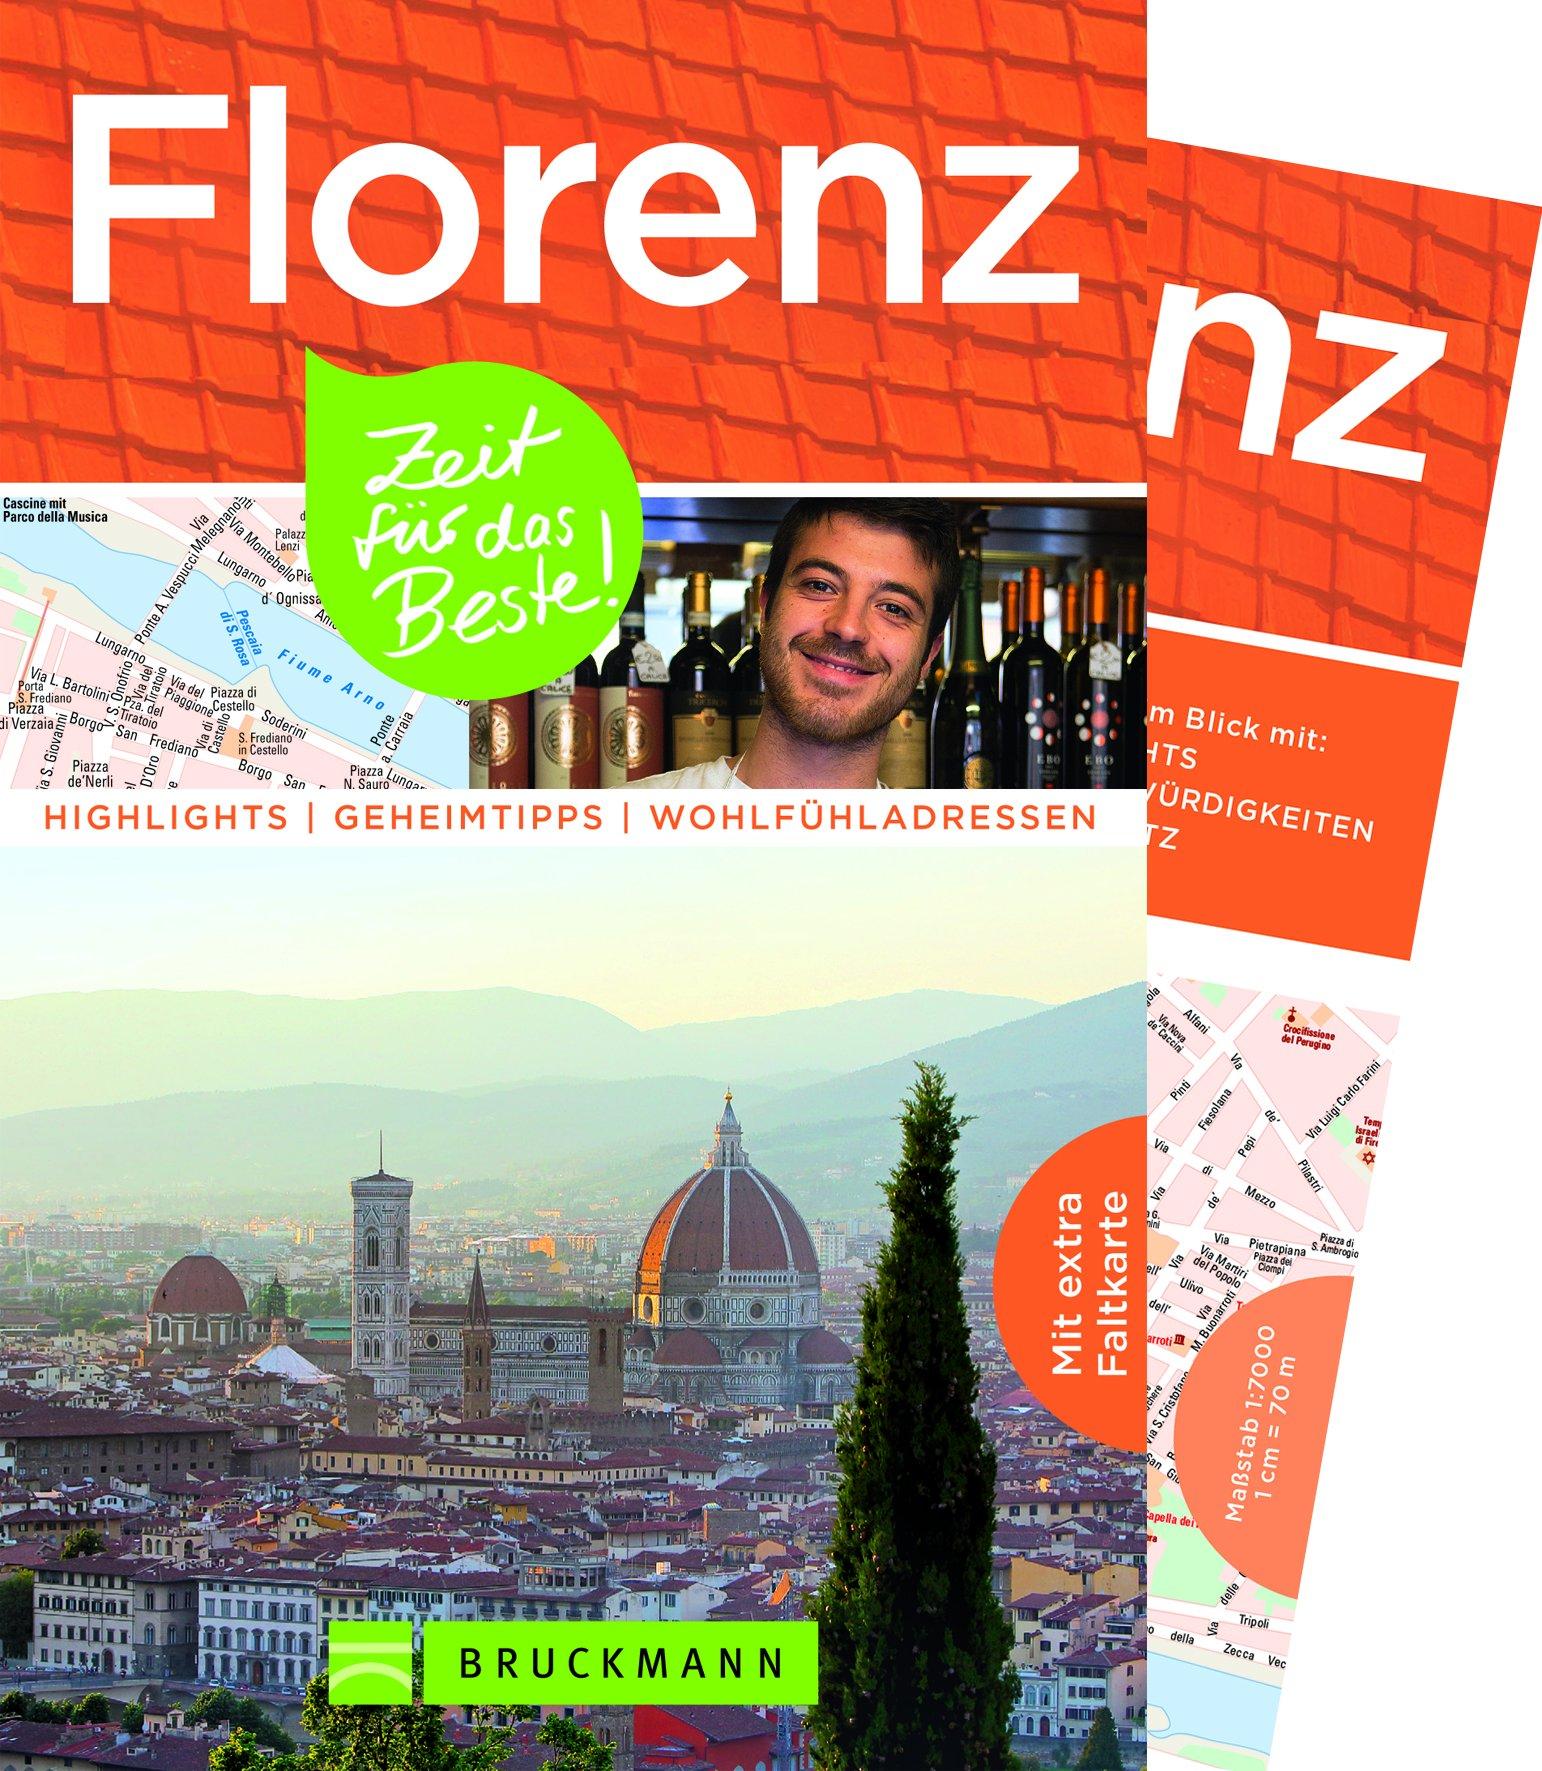 Bruckmann Reiseführer Florenz: Zeit für das Beste. Highlights, Geheimtipps, Wohlfühladressen. Inklusive Faltkarte zum Herausnehmen.